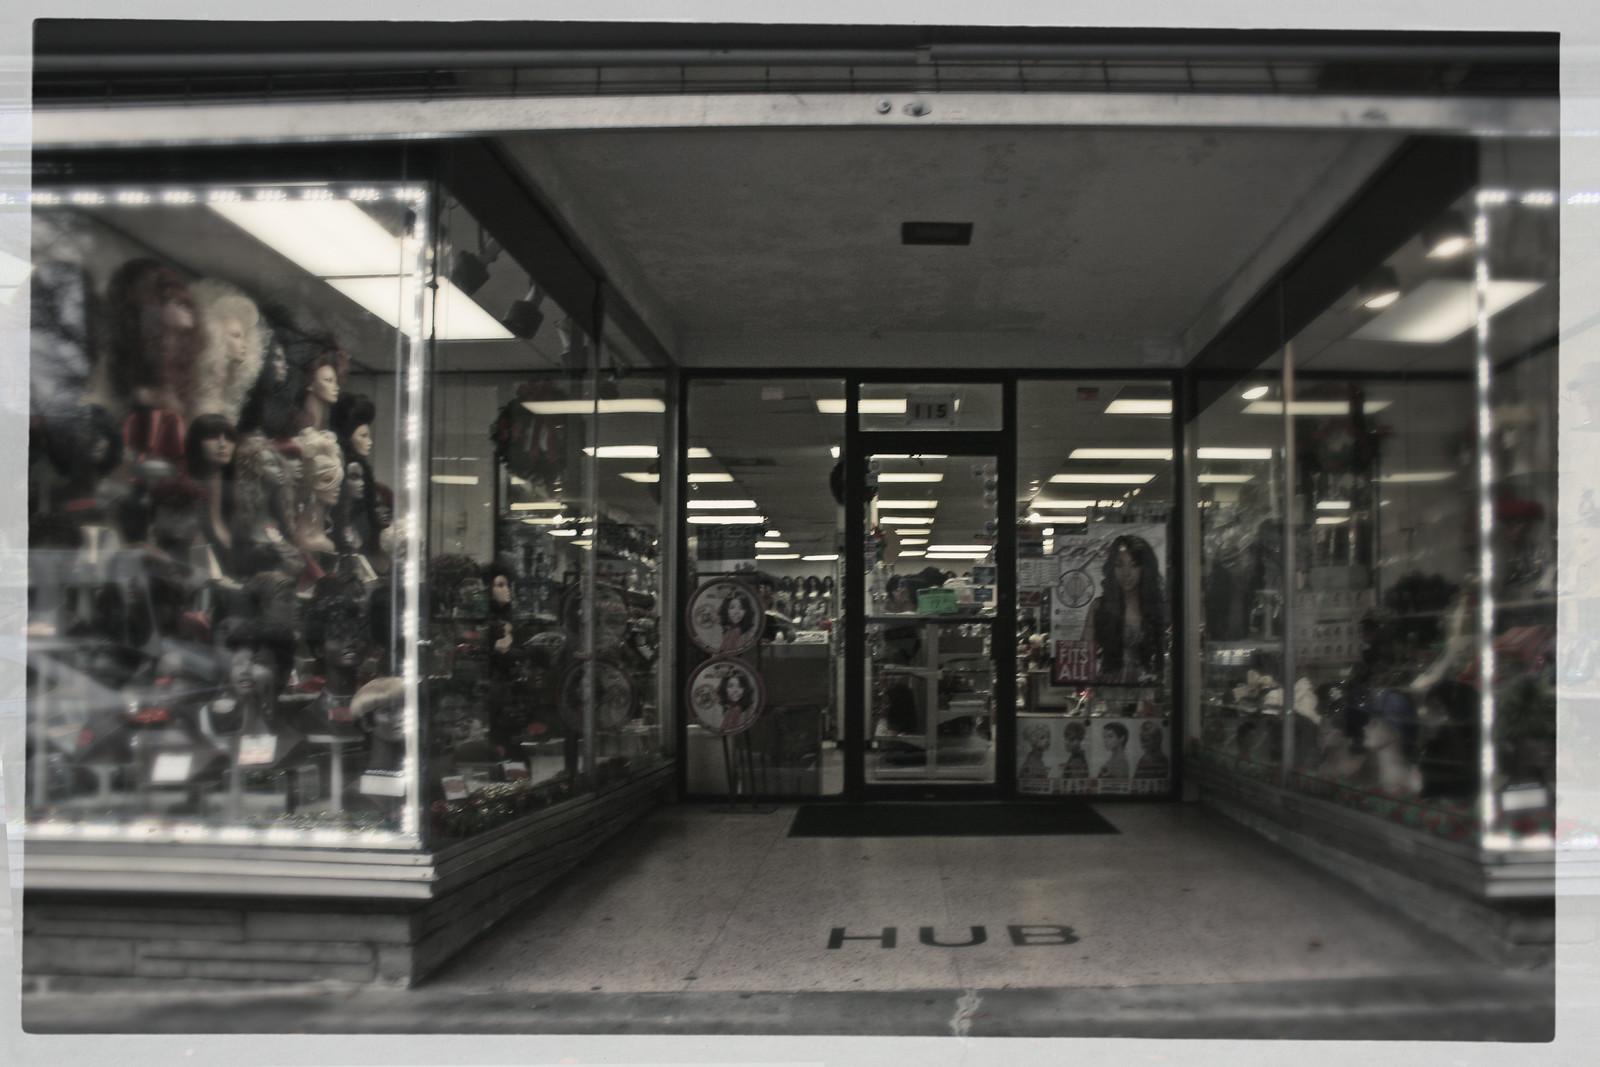 Wig Shop, Atlanta, 2012